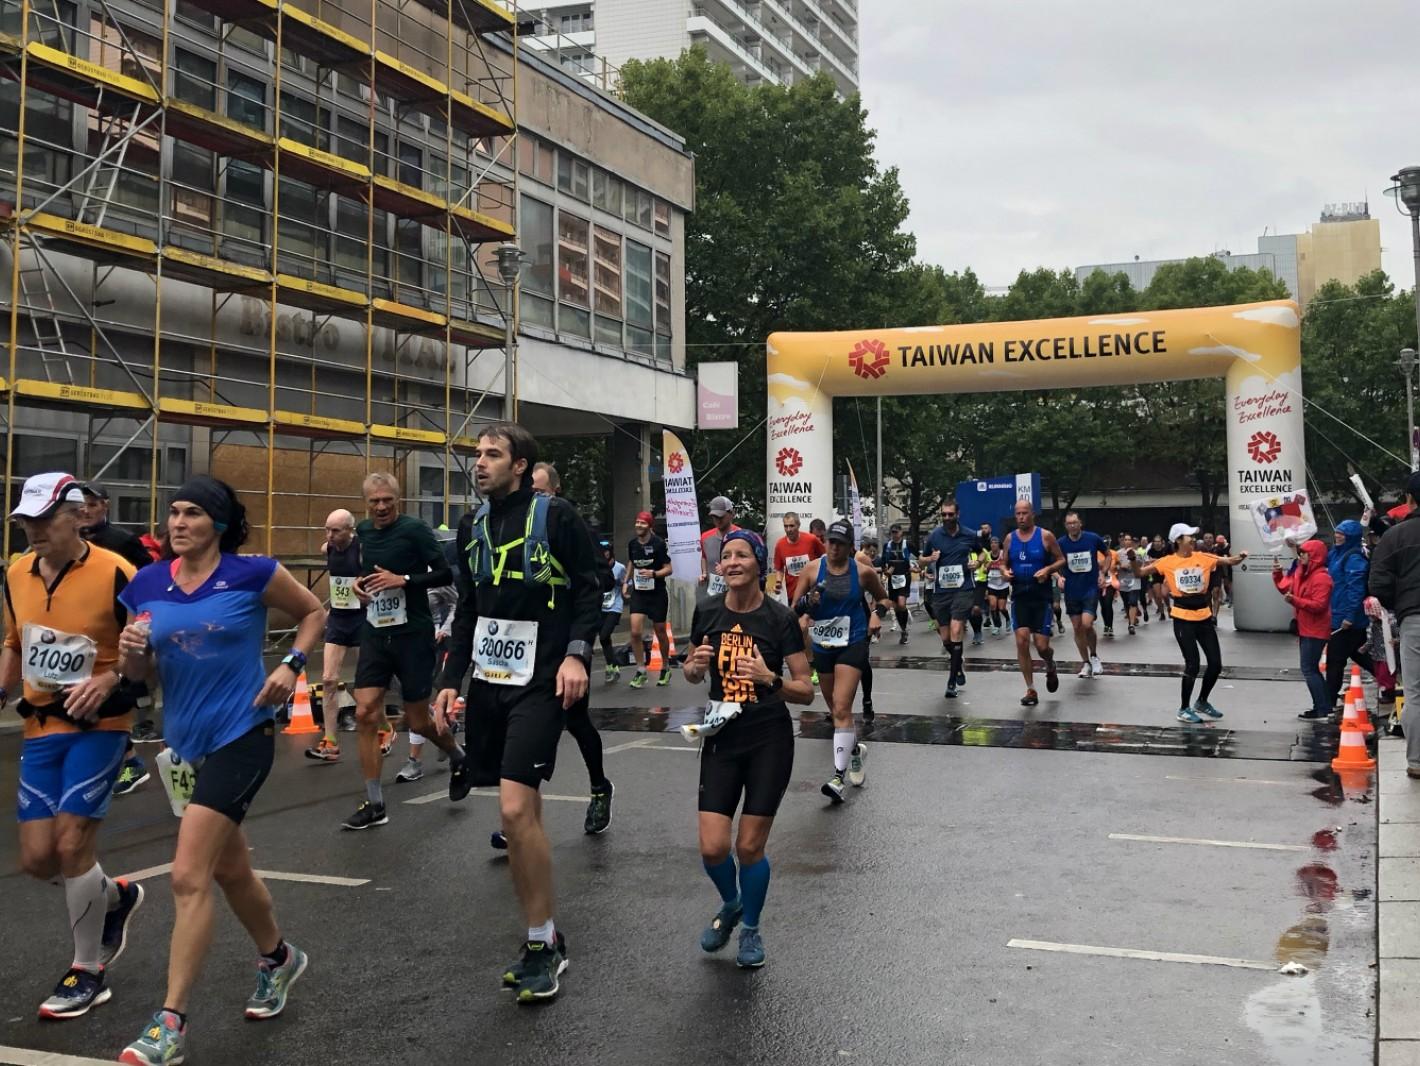 4. 柏林馬拉松終點前40km處設有台灣精品贊助的專屬拱門,各國跑者完賽必經之處,為最佳賽道拍攝點